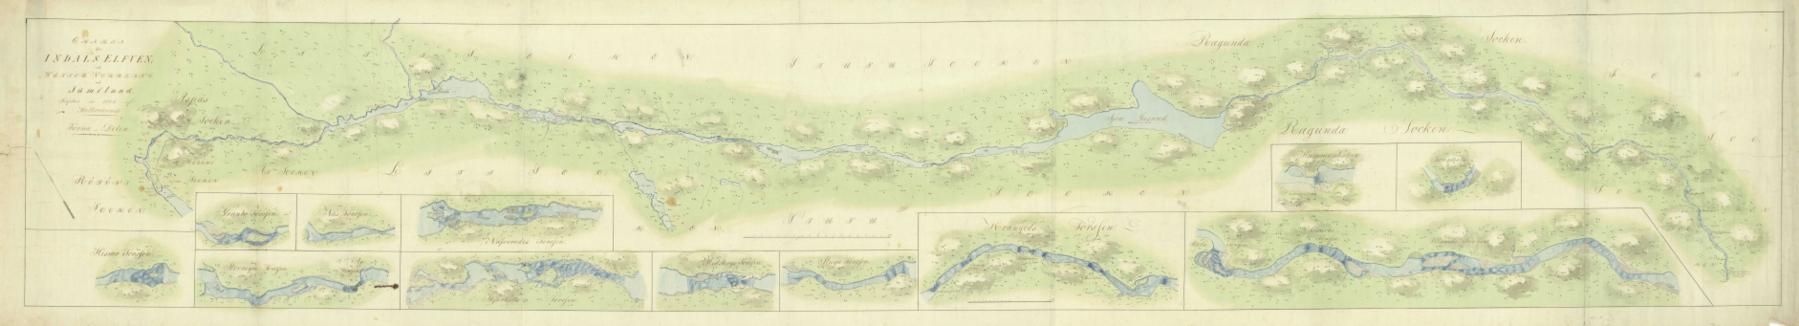 Historisk kort fra 1802 under Indalsälvens udbredelse fra Storsøen mod Det botniske hav.